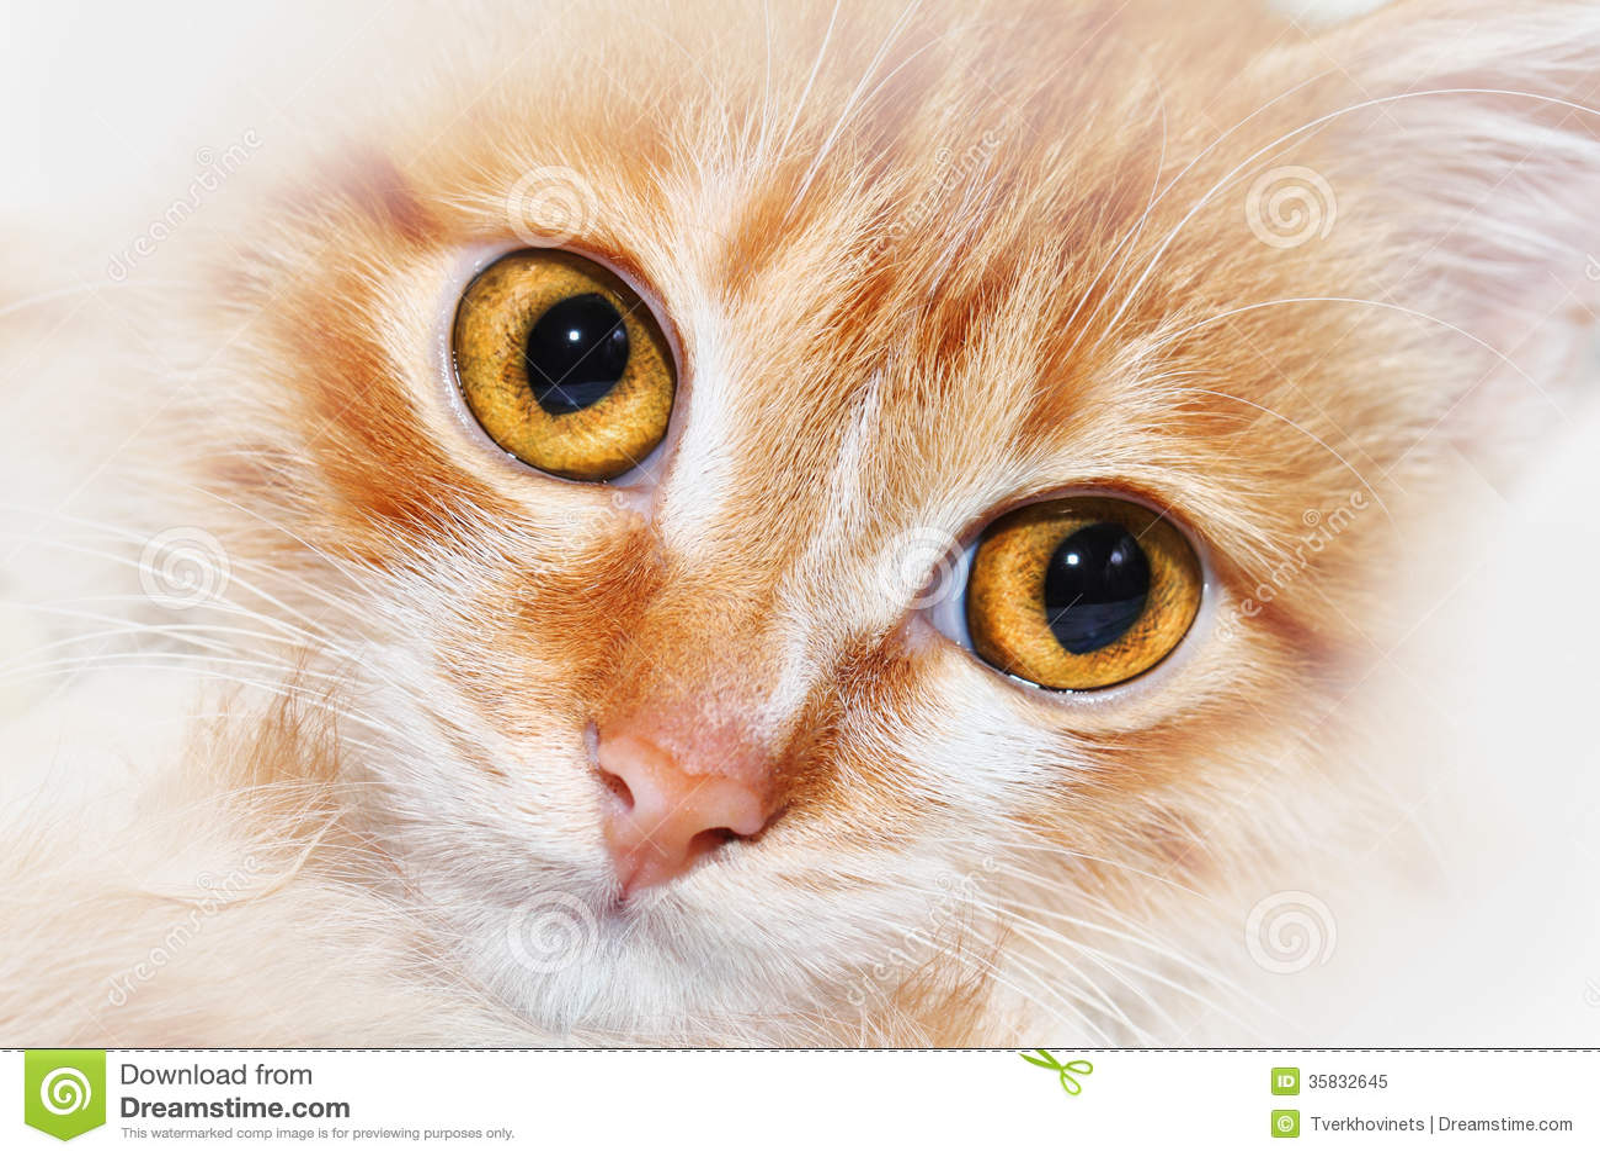 动物鼻子的图片